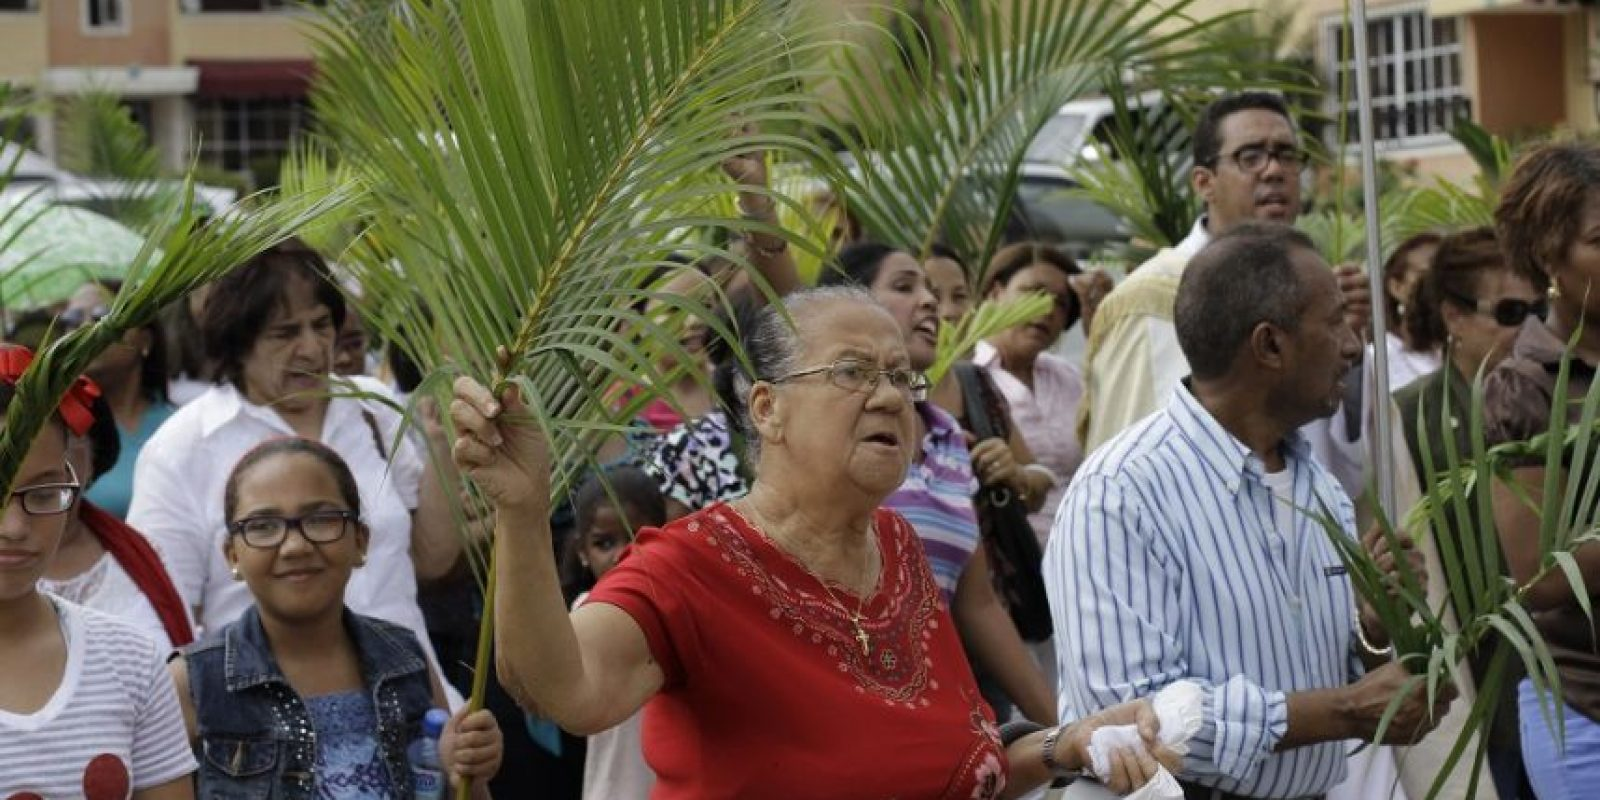 La procesión con ramos es parte de la liturgia de este día Foto: Roberto Guzmán